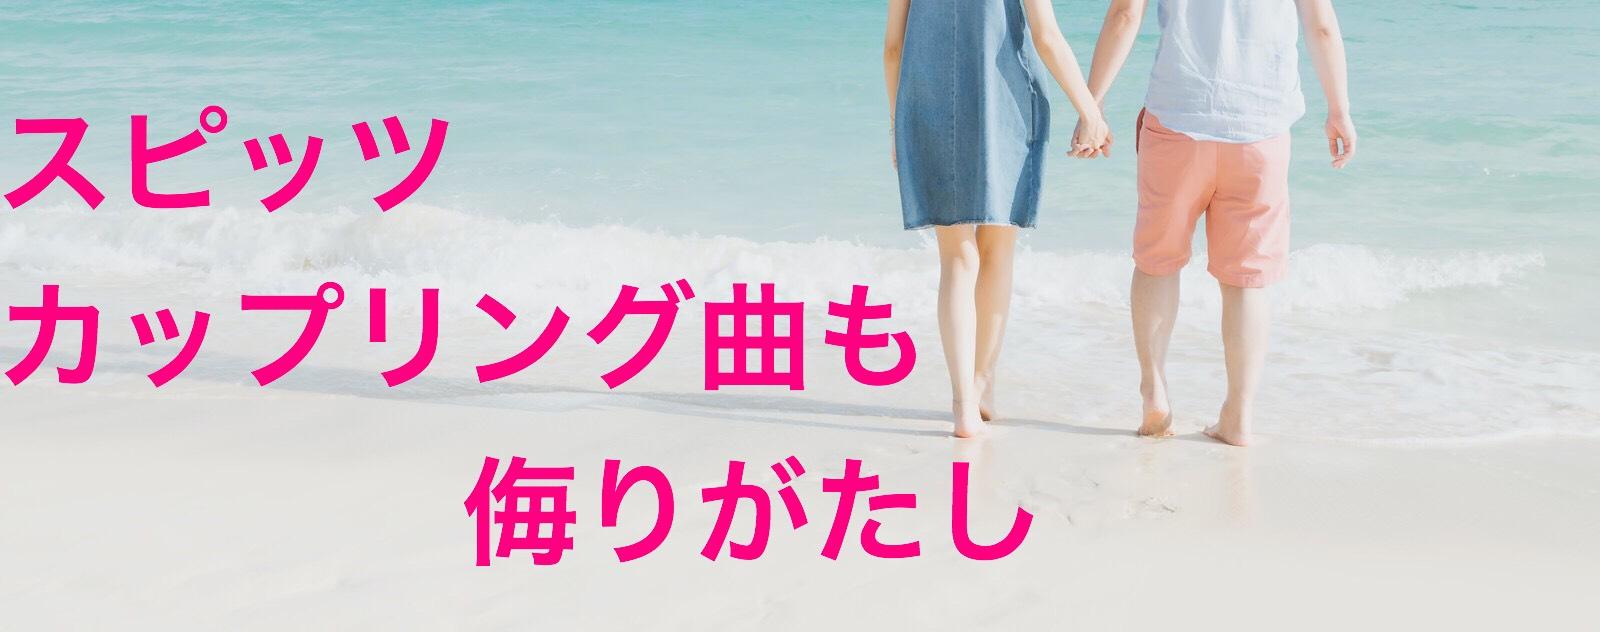 海で手をつなぐ男女